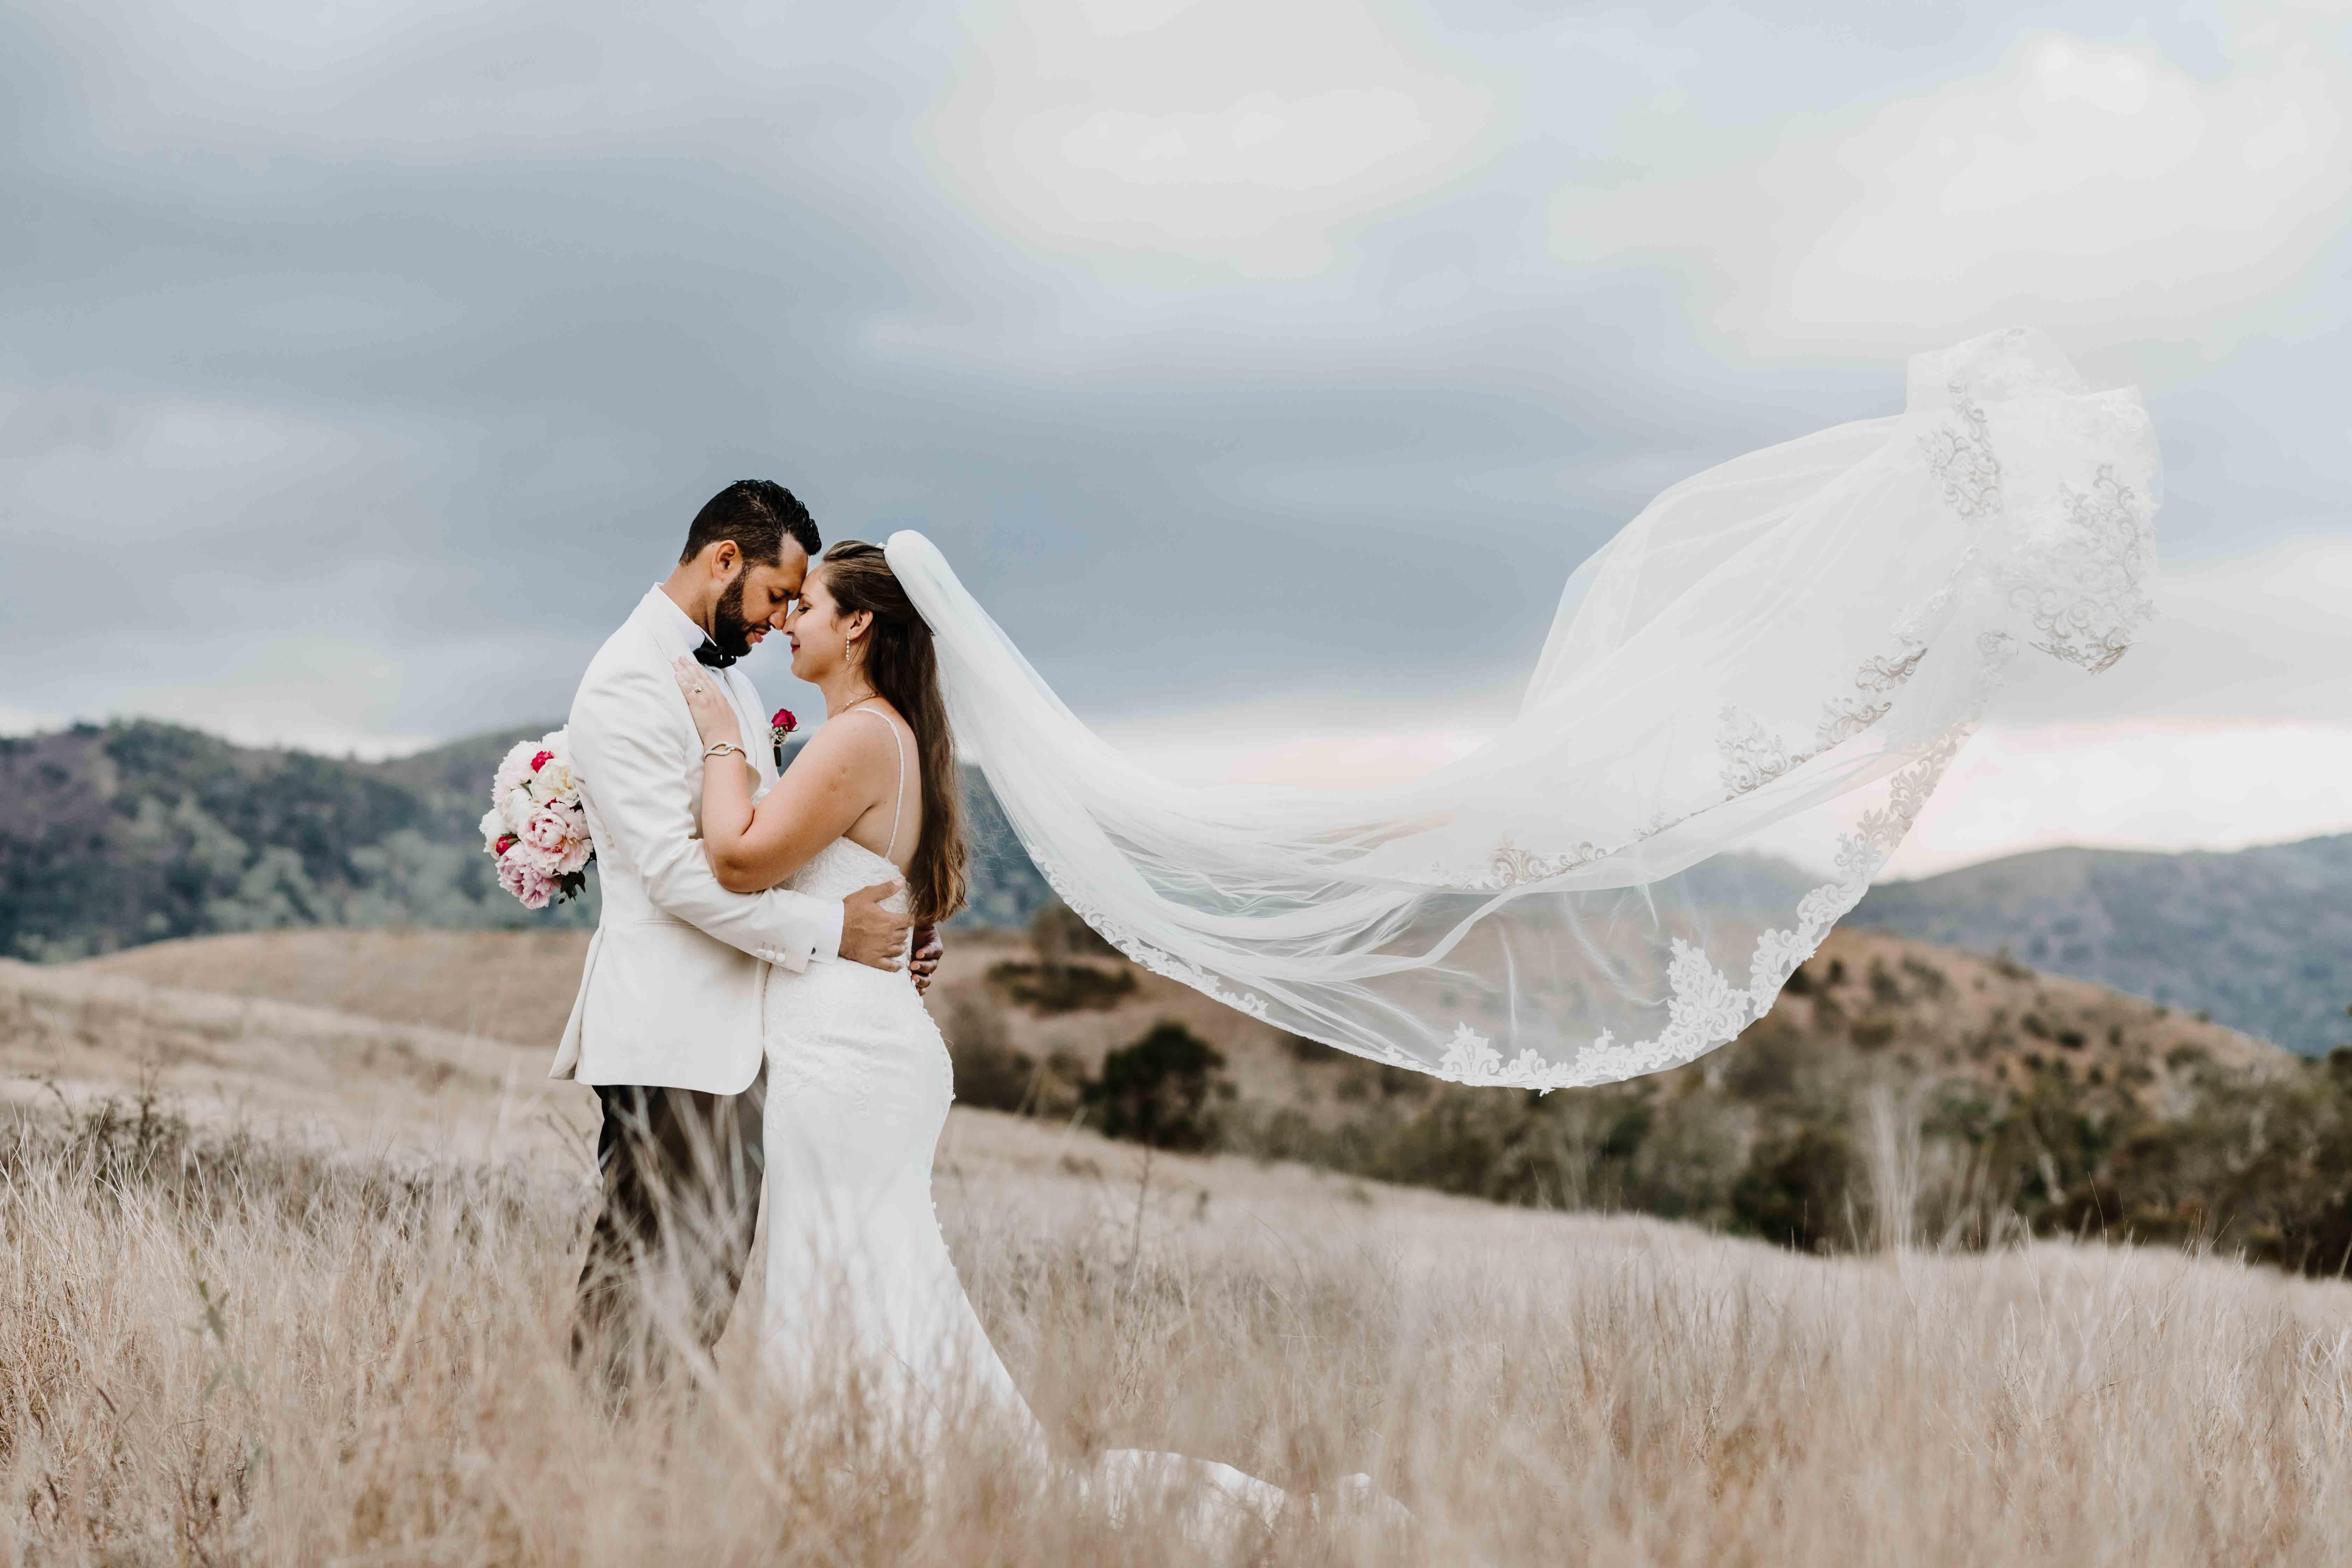 les mariés sont enlacés, tête à tête, les yeux fermés, le voile de la mariée vole dans les airs. le couple est dans les hautes herbes, mariage campagne, mariage champêtre boho